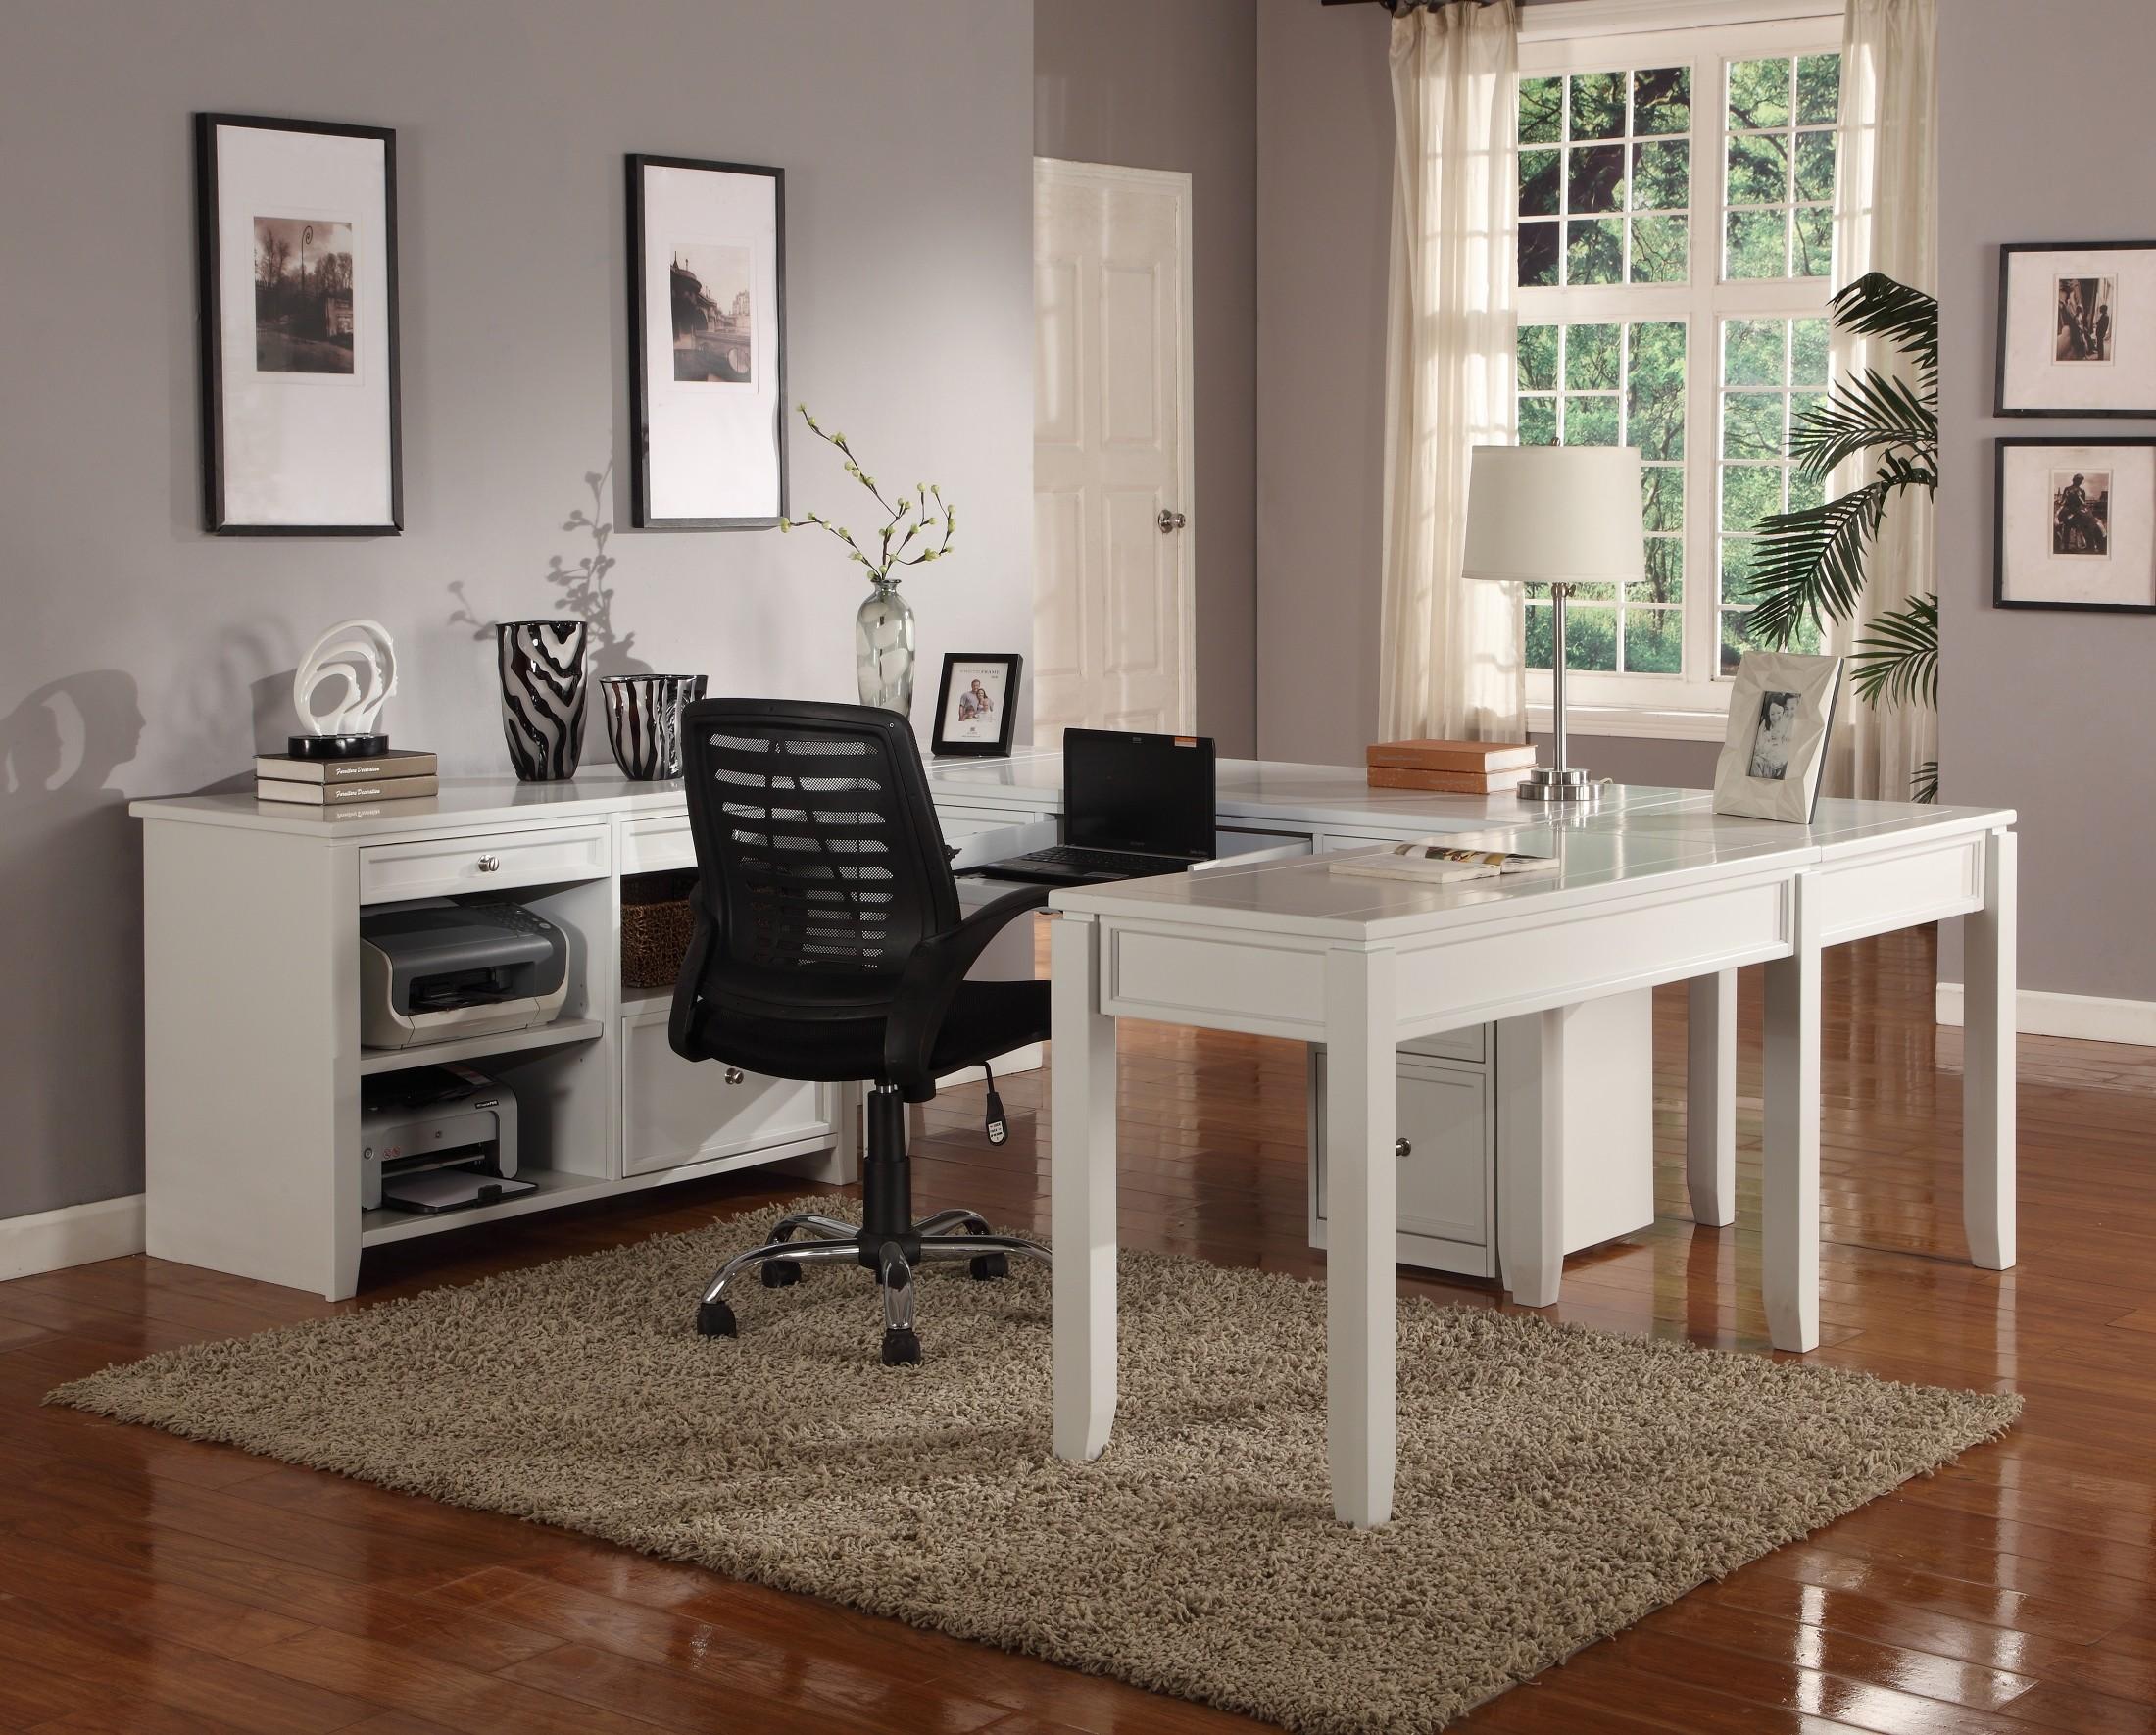 Boca u shape credenza home office set from parker house coleman furniture - Home office mobel ...